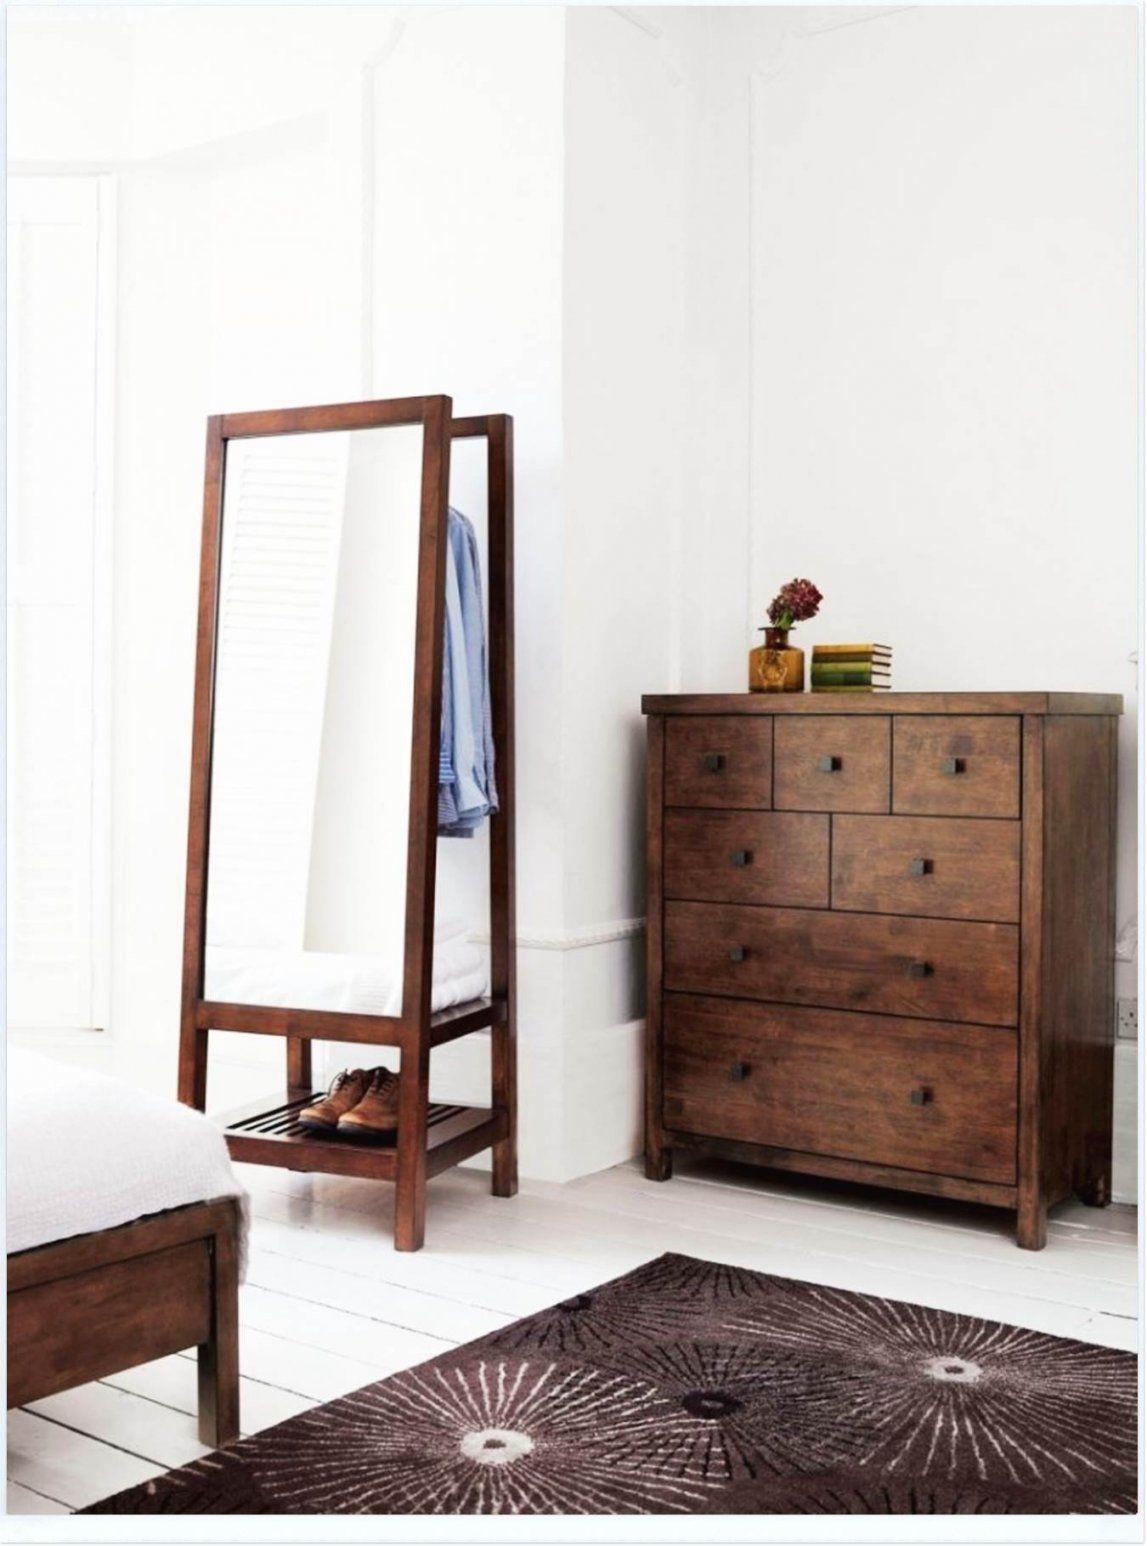 Deko Für Schlafzimmer Kommode  Home Referenz von Deko Für Schlafzimmer Kommode Photo